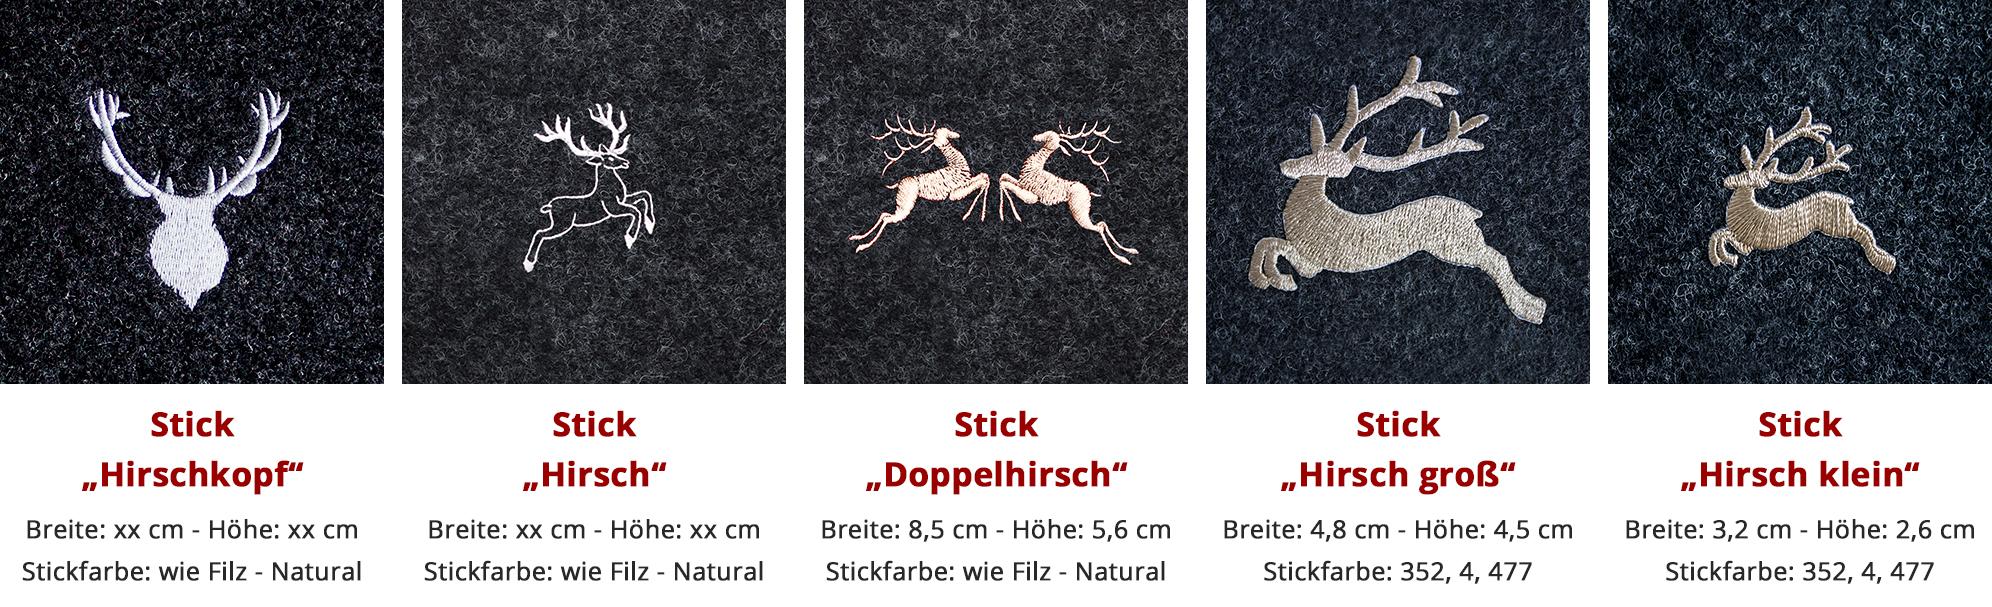 Stickmotive_01